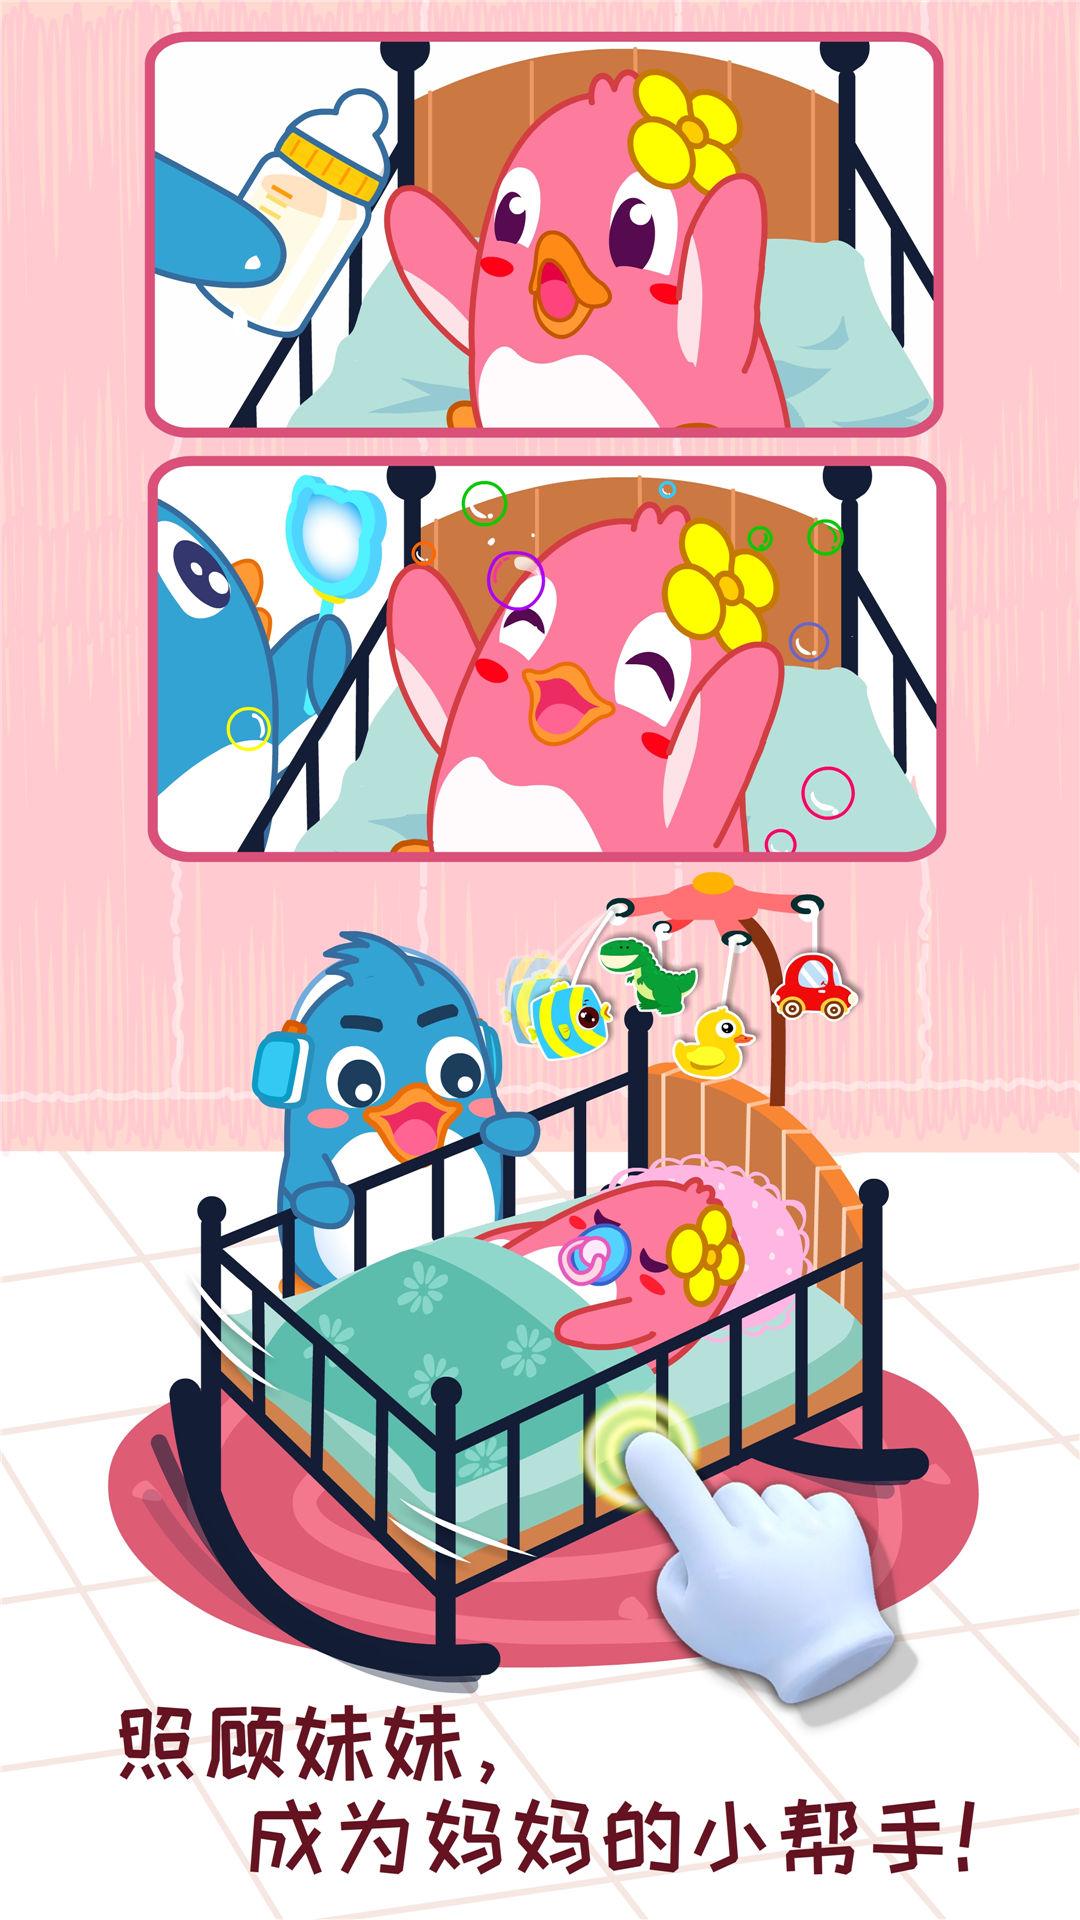 宝宝情商养成-应用截图